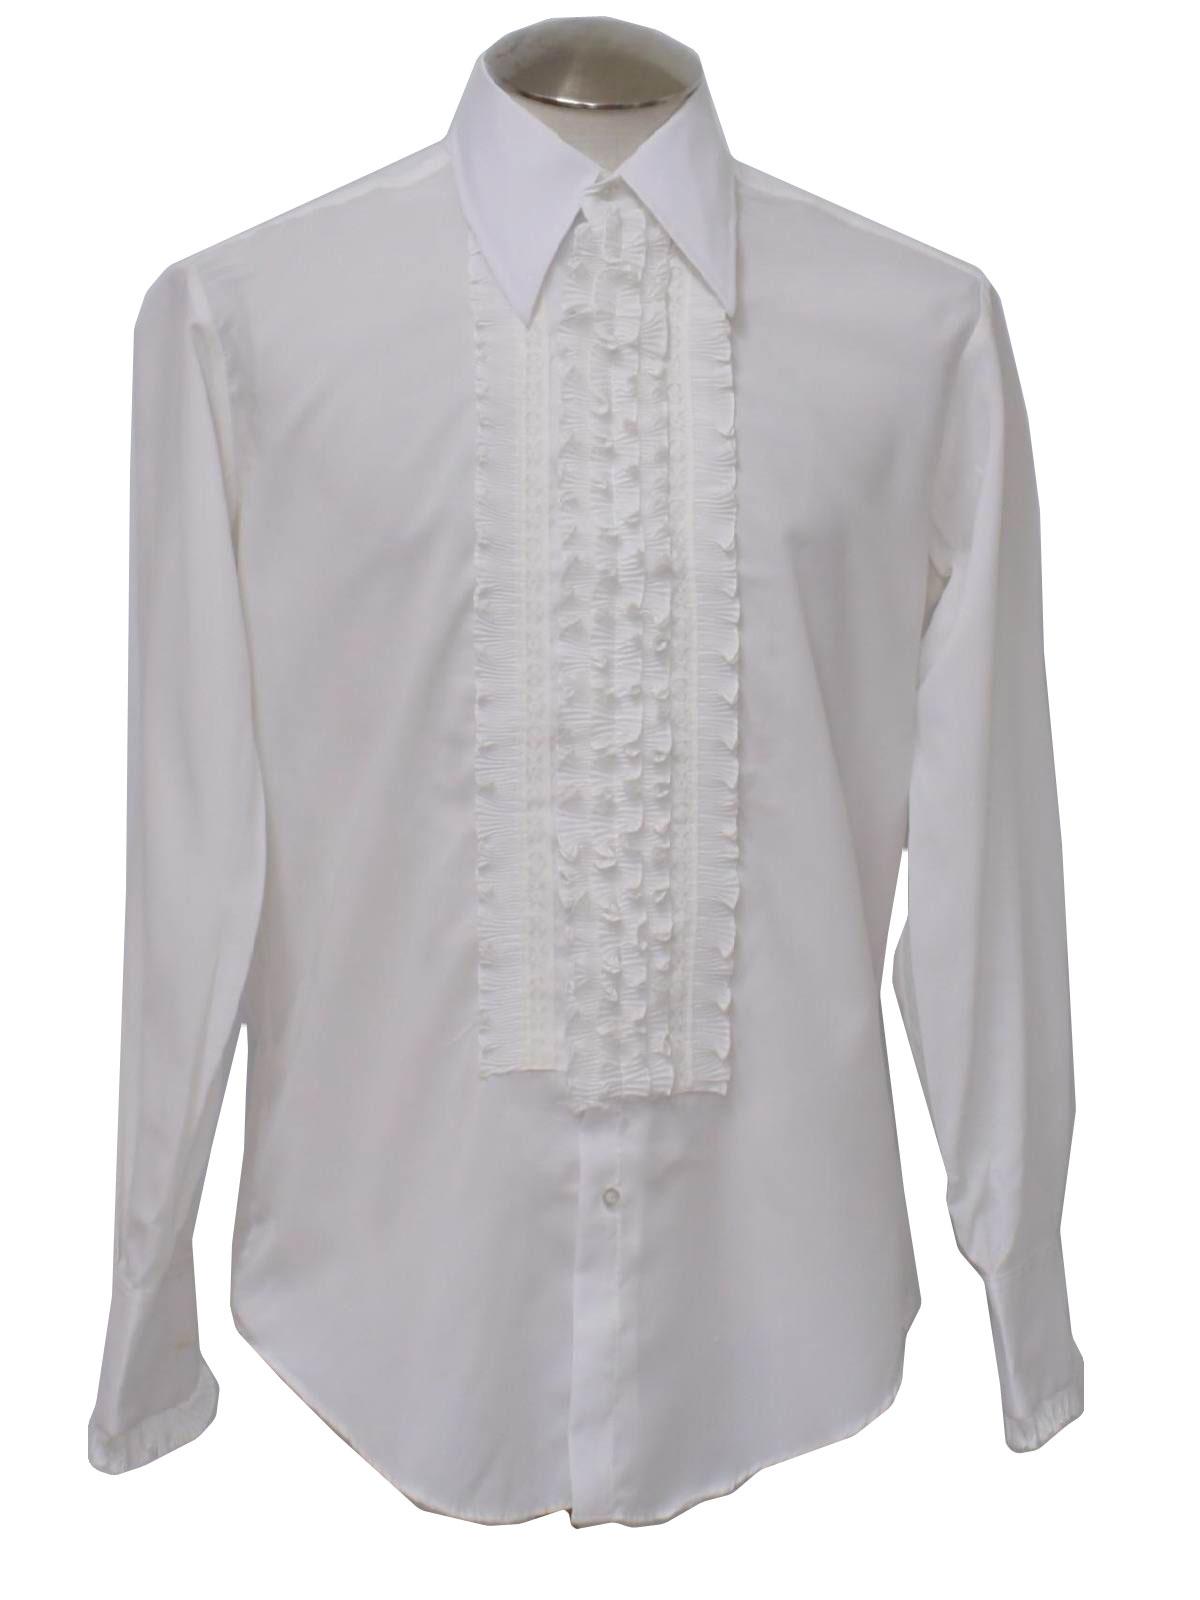 Womens Tuxedo Shirt White